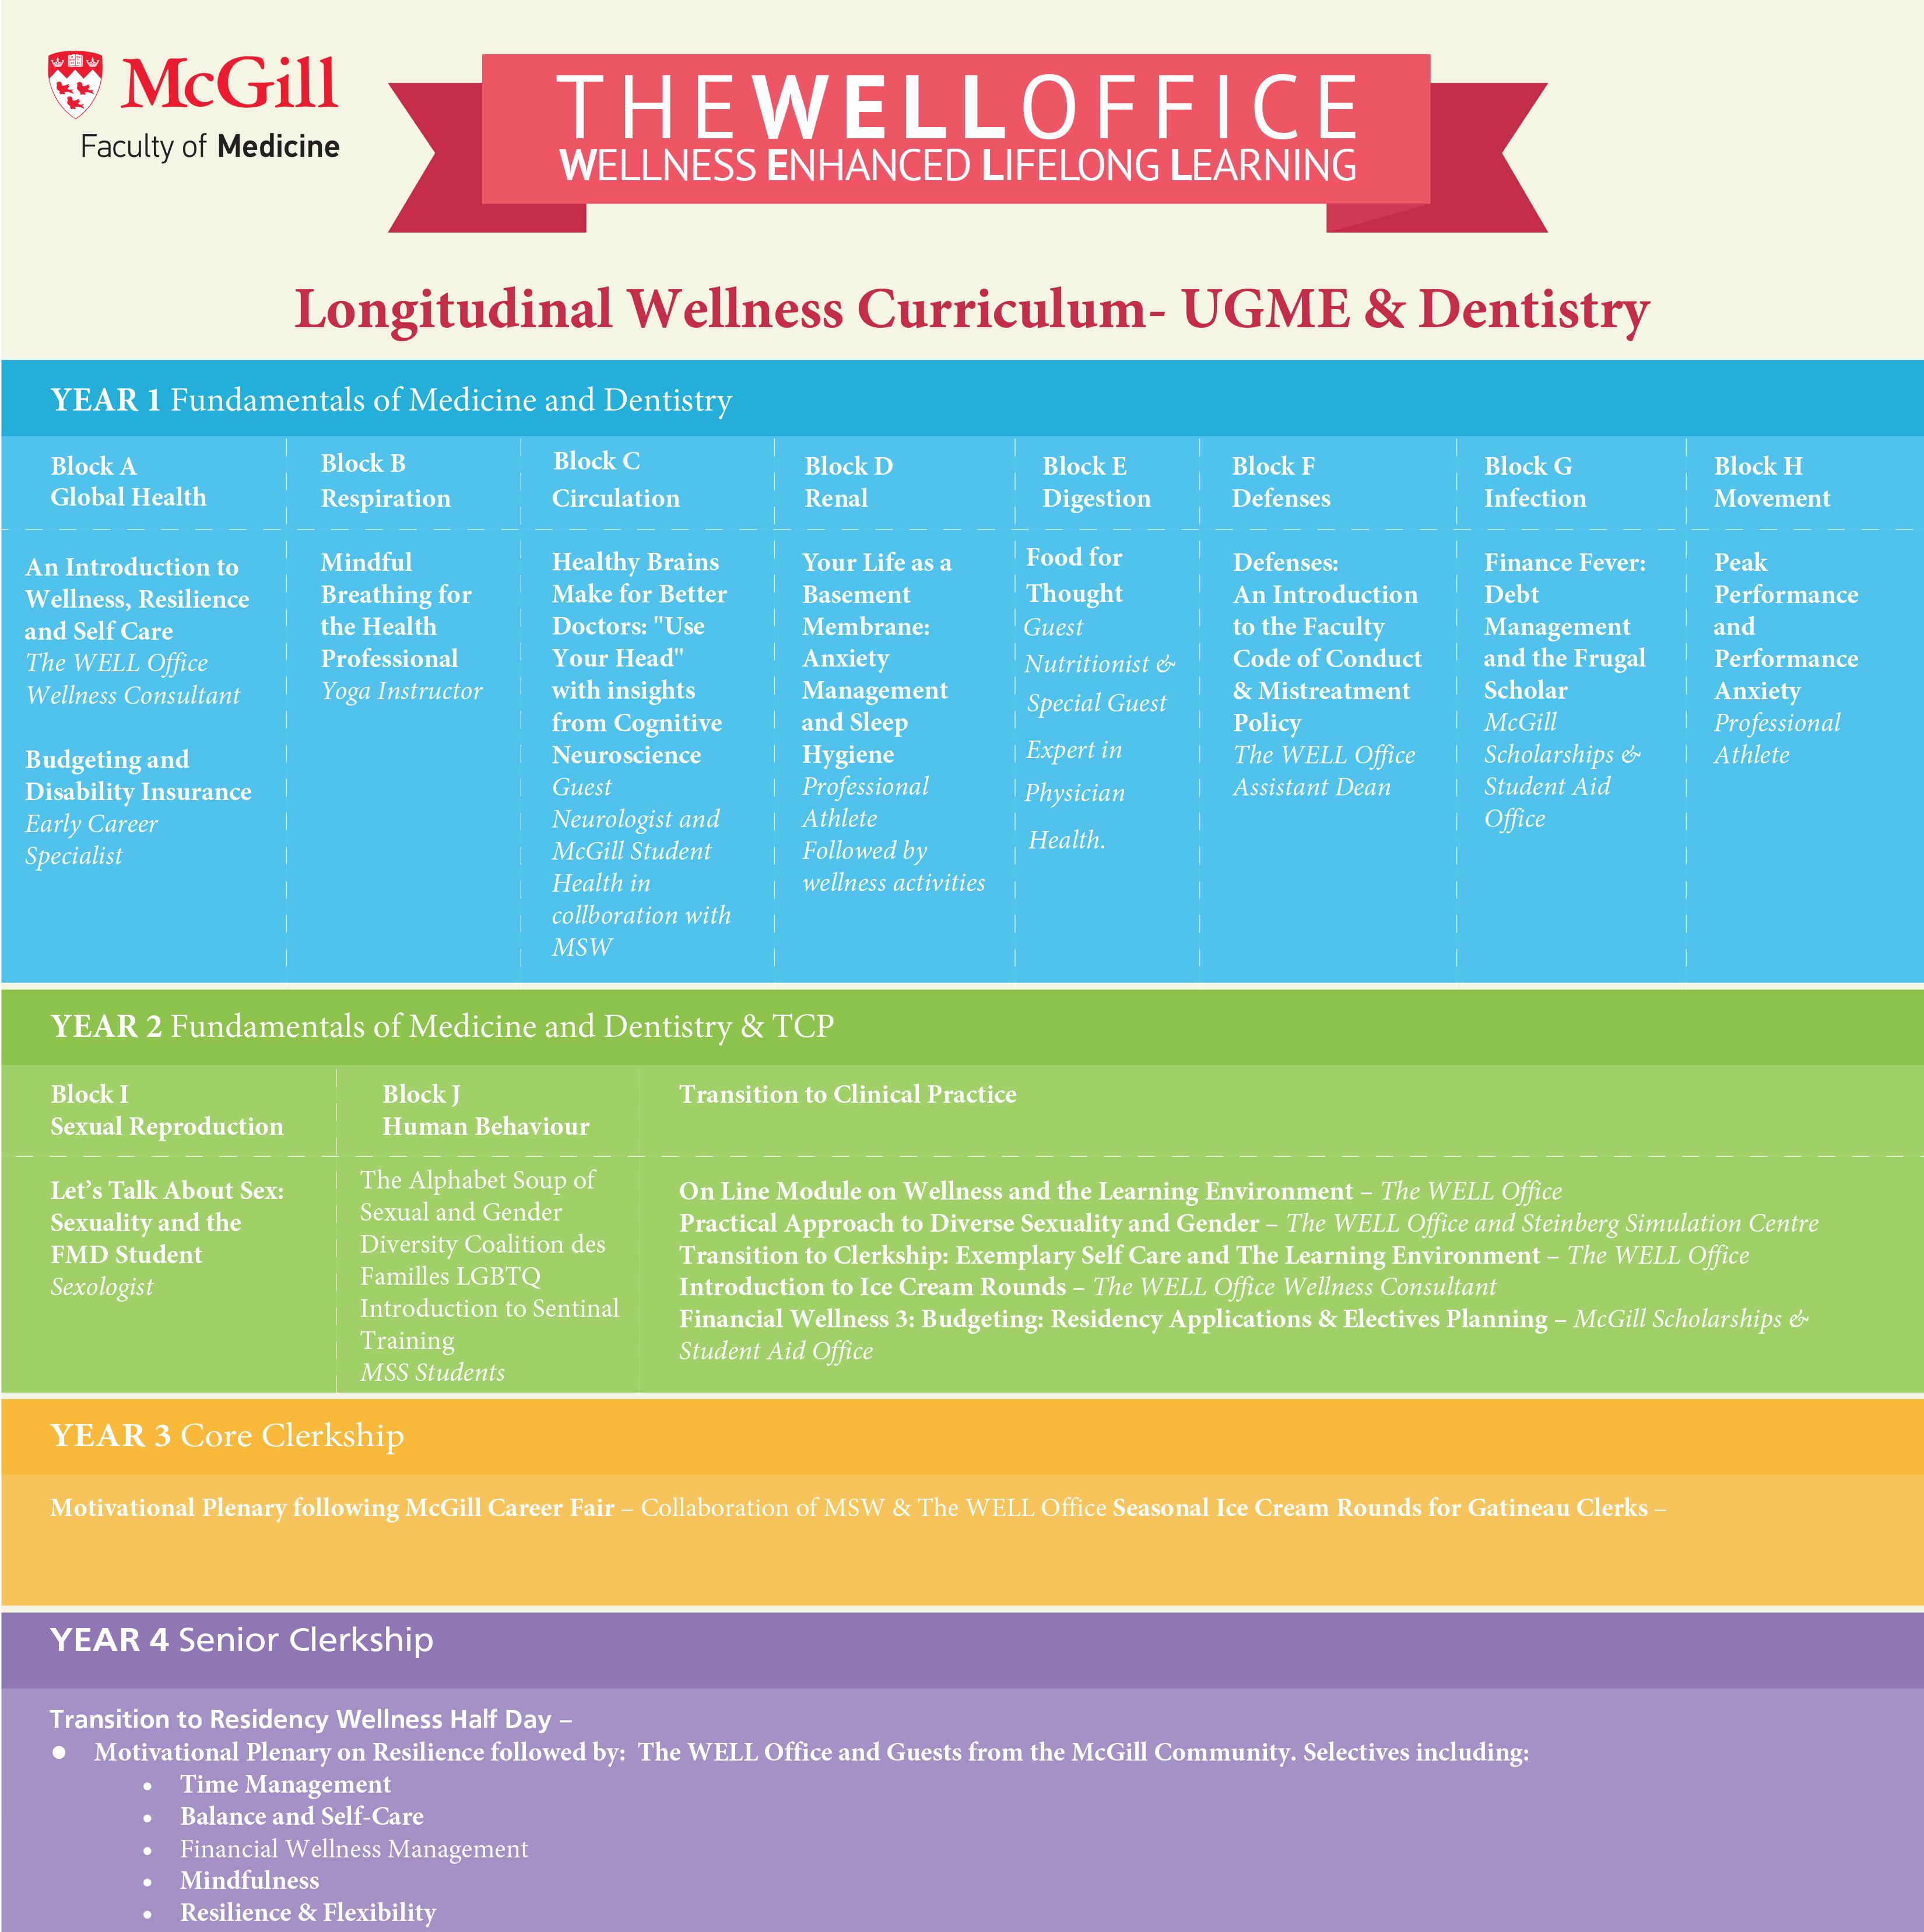 Enseignement sur le bien tre bureau sources mcgill university - Bureau d etude en anglais ...